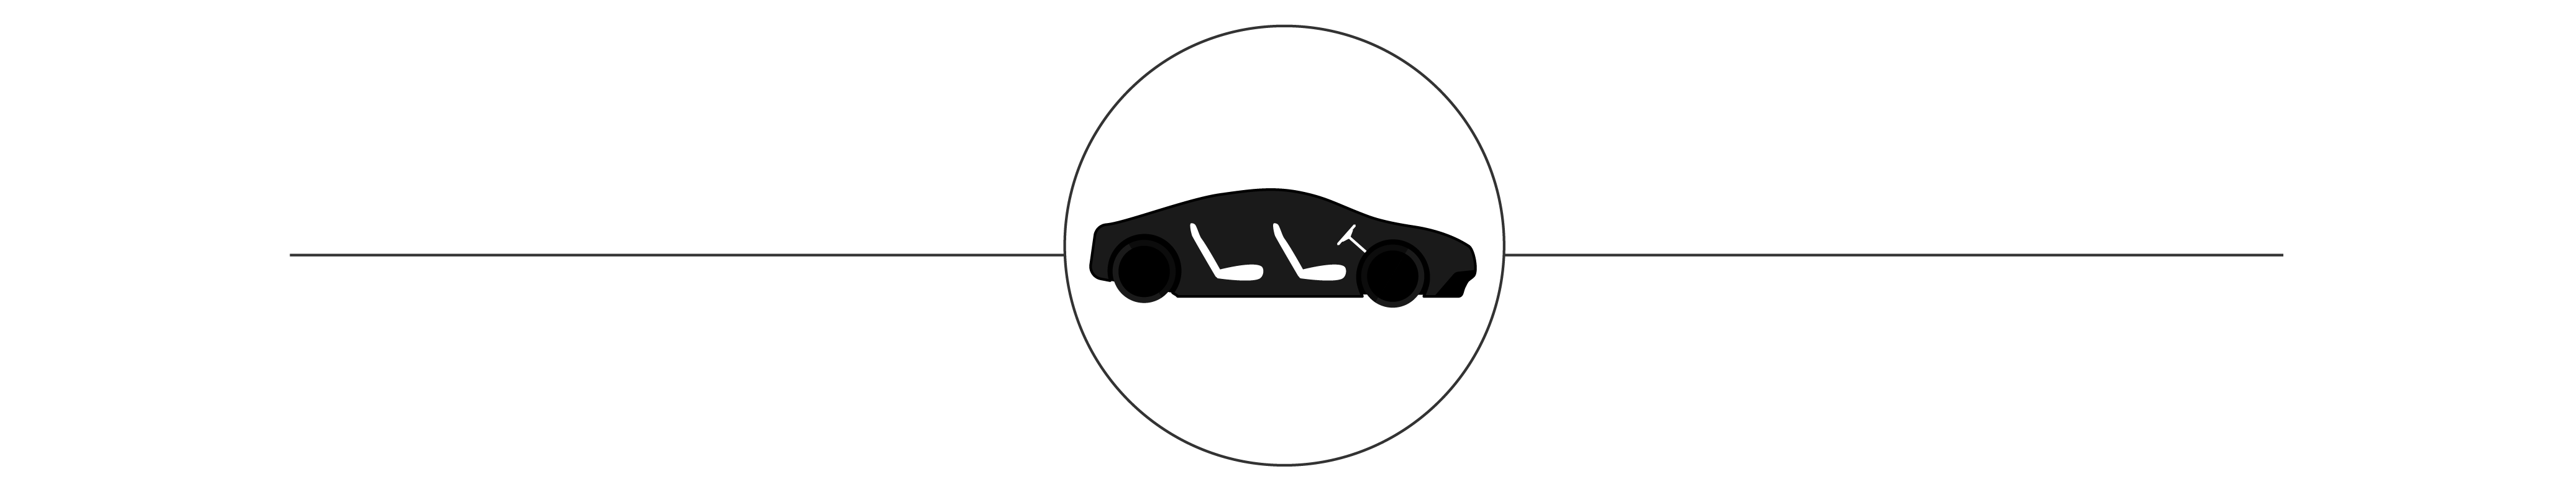 схема двигательного отсека фрилендер 2.0 тди